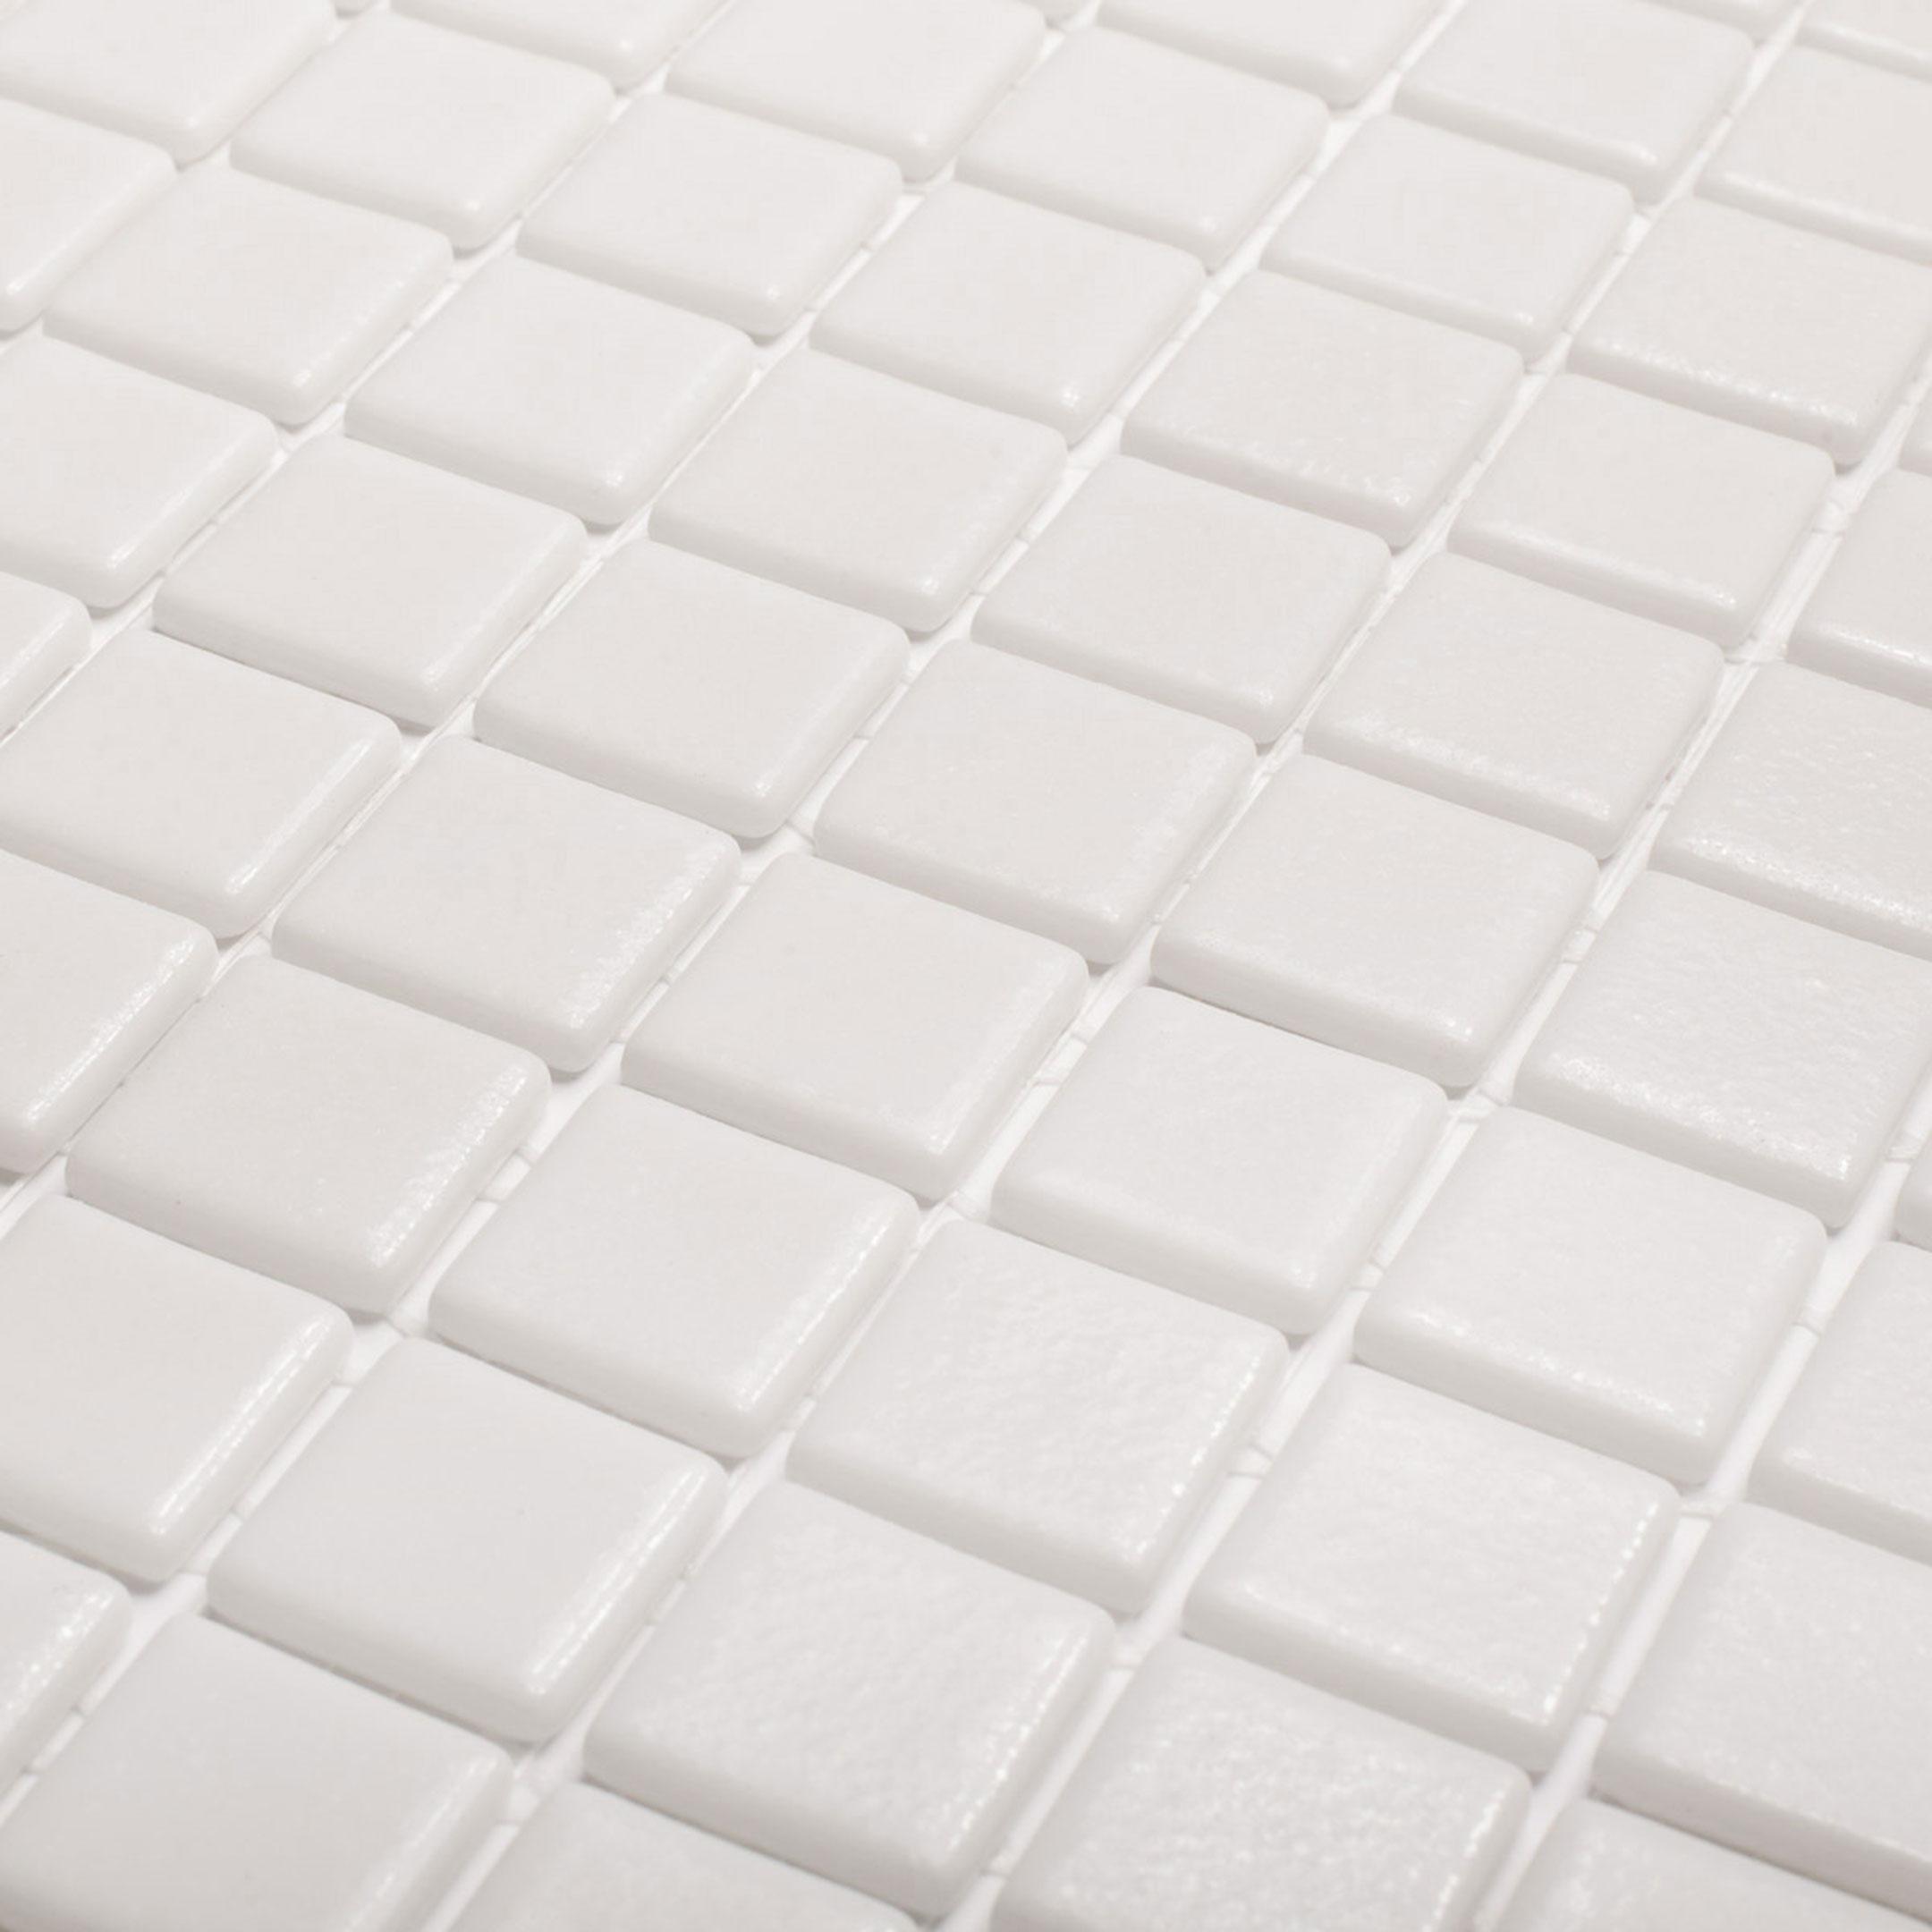 Мозаика Vidrepur Antid 100 белая стеклянная 317х317х4 мм матовая